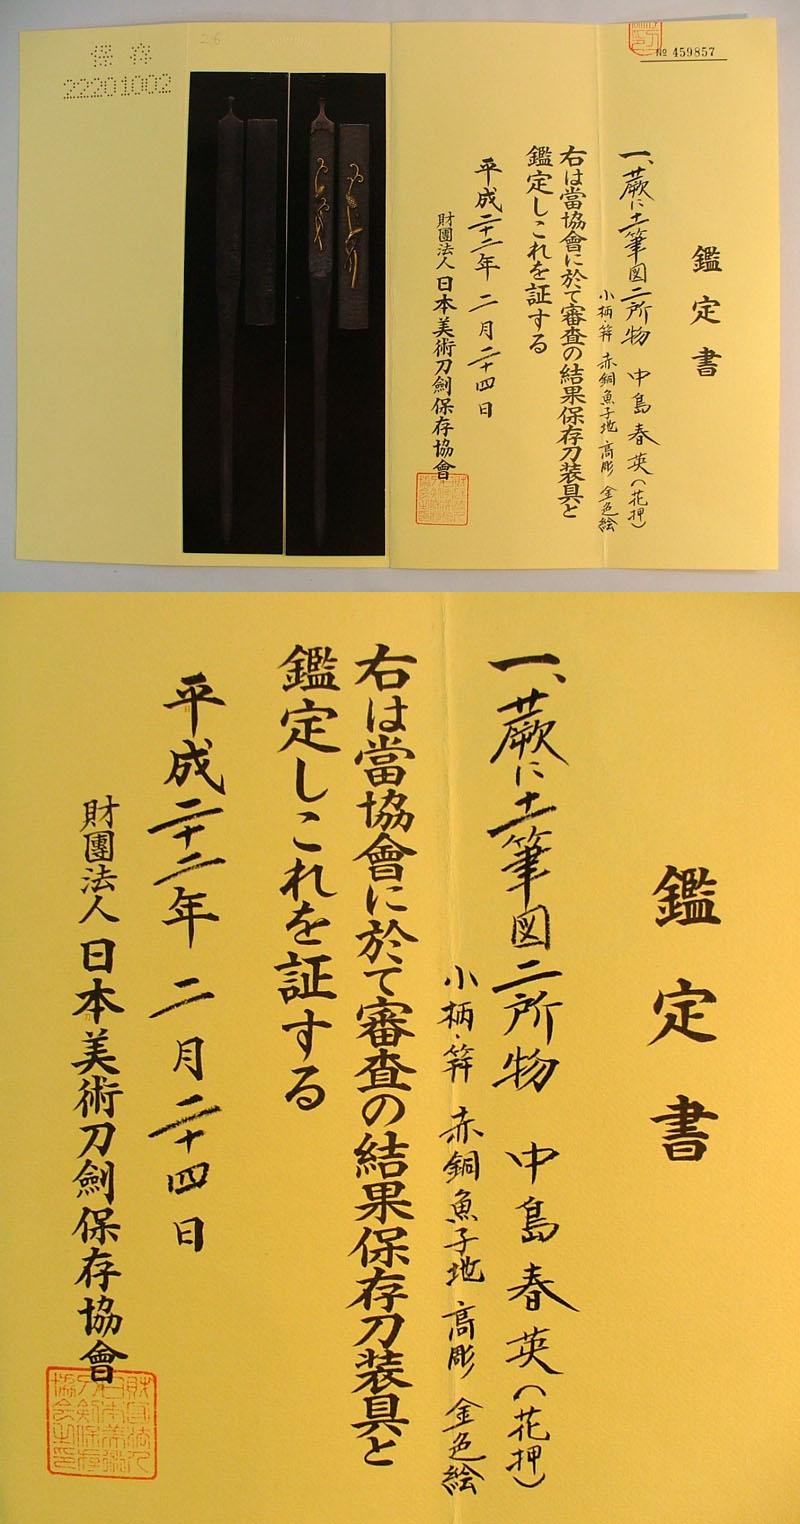 蕨に土筆図ニ所物 中島春英(花押) Picture of Certificate